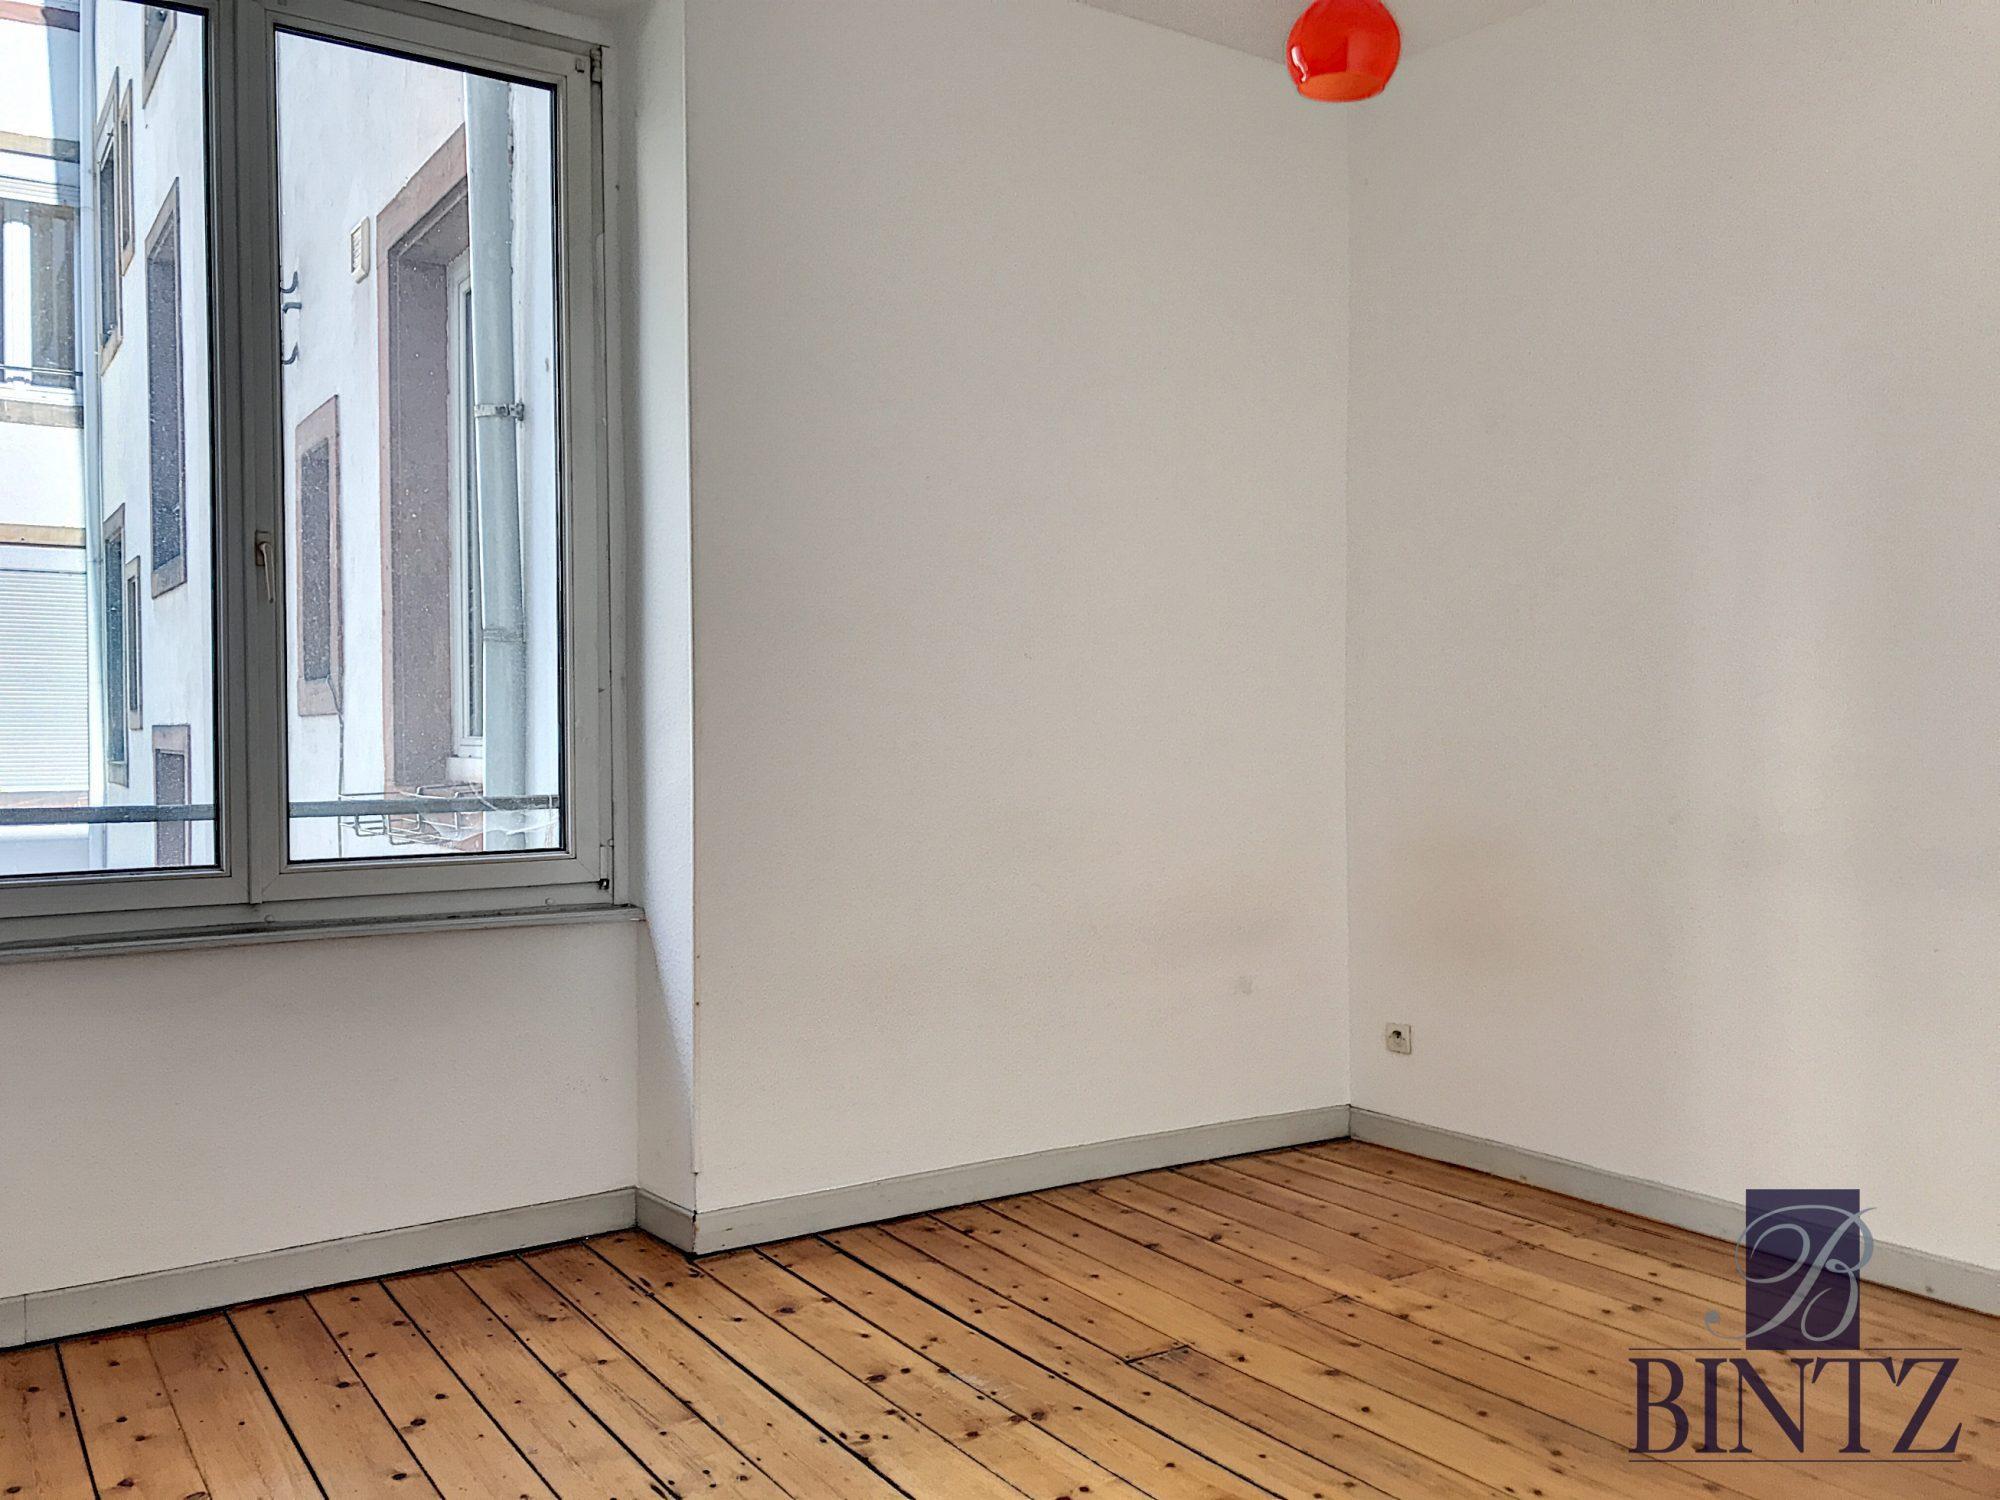 5 pièces à fort potentiel - Devenez propriétaire en toute confiance - Bintz Immobilier - 6